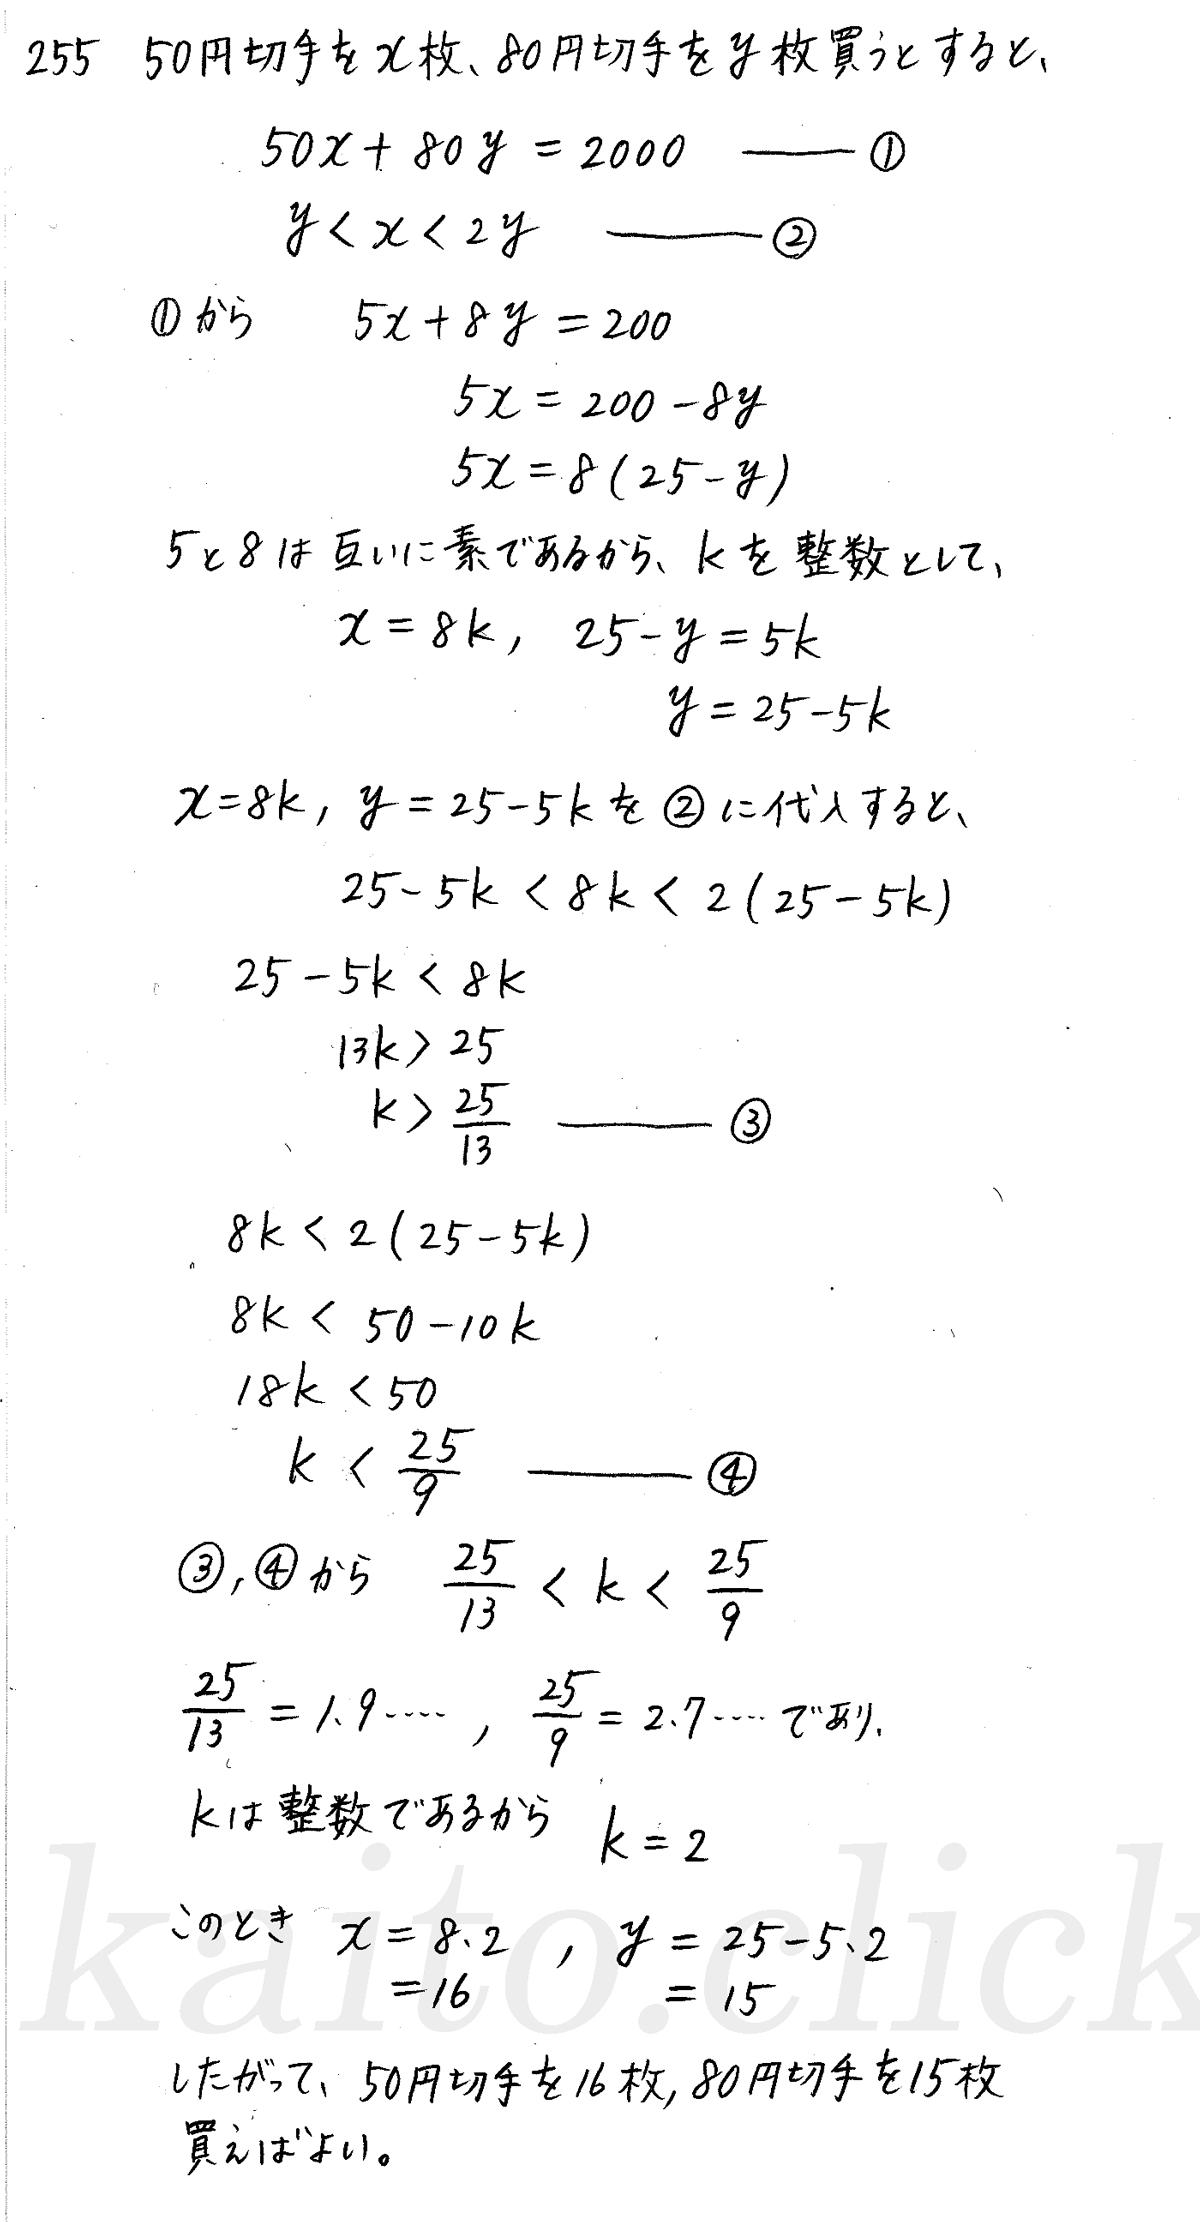 クリアー数学A-255解答